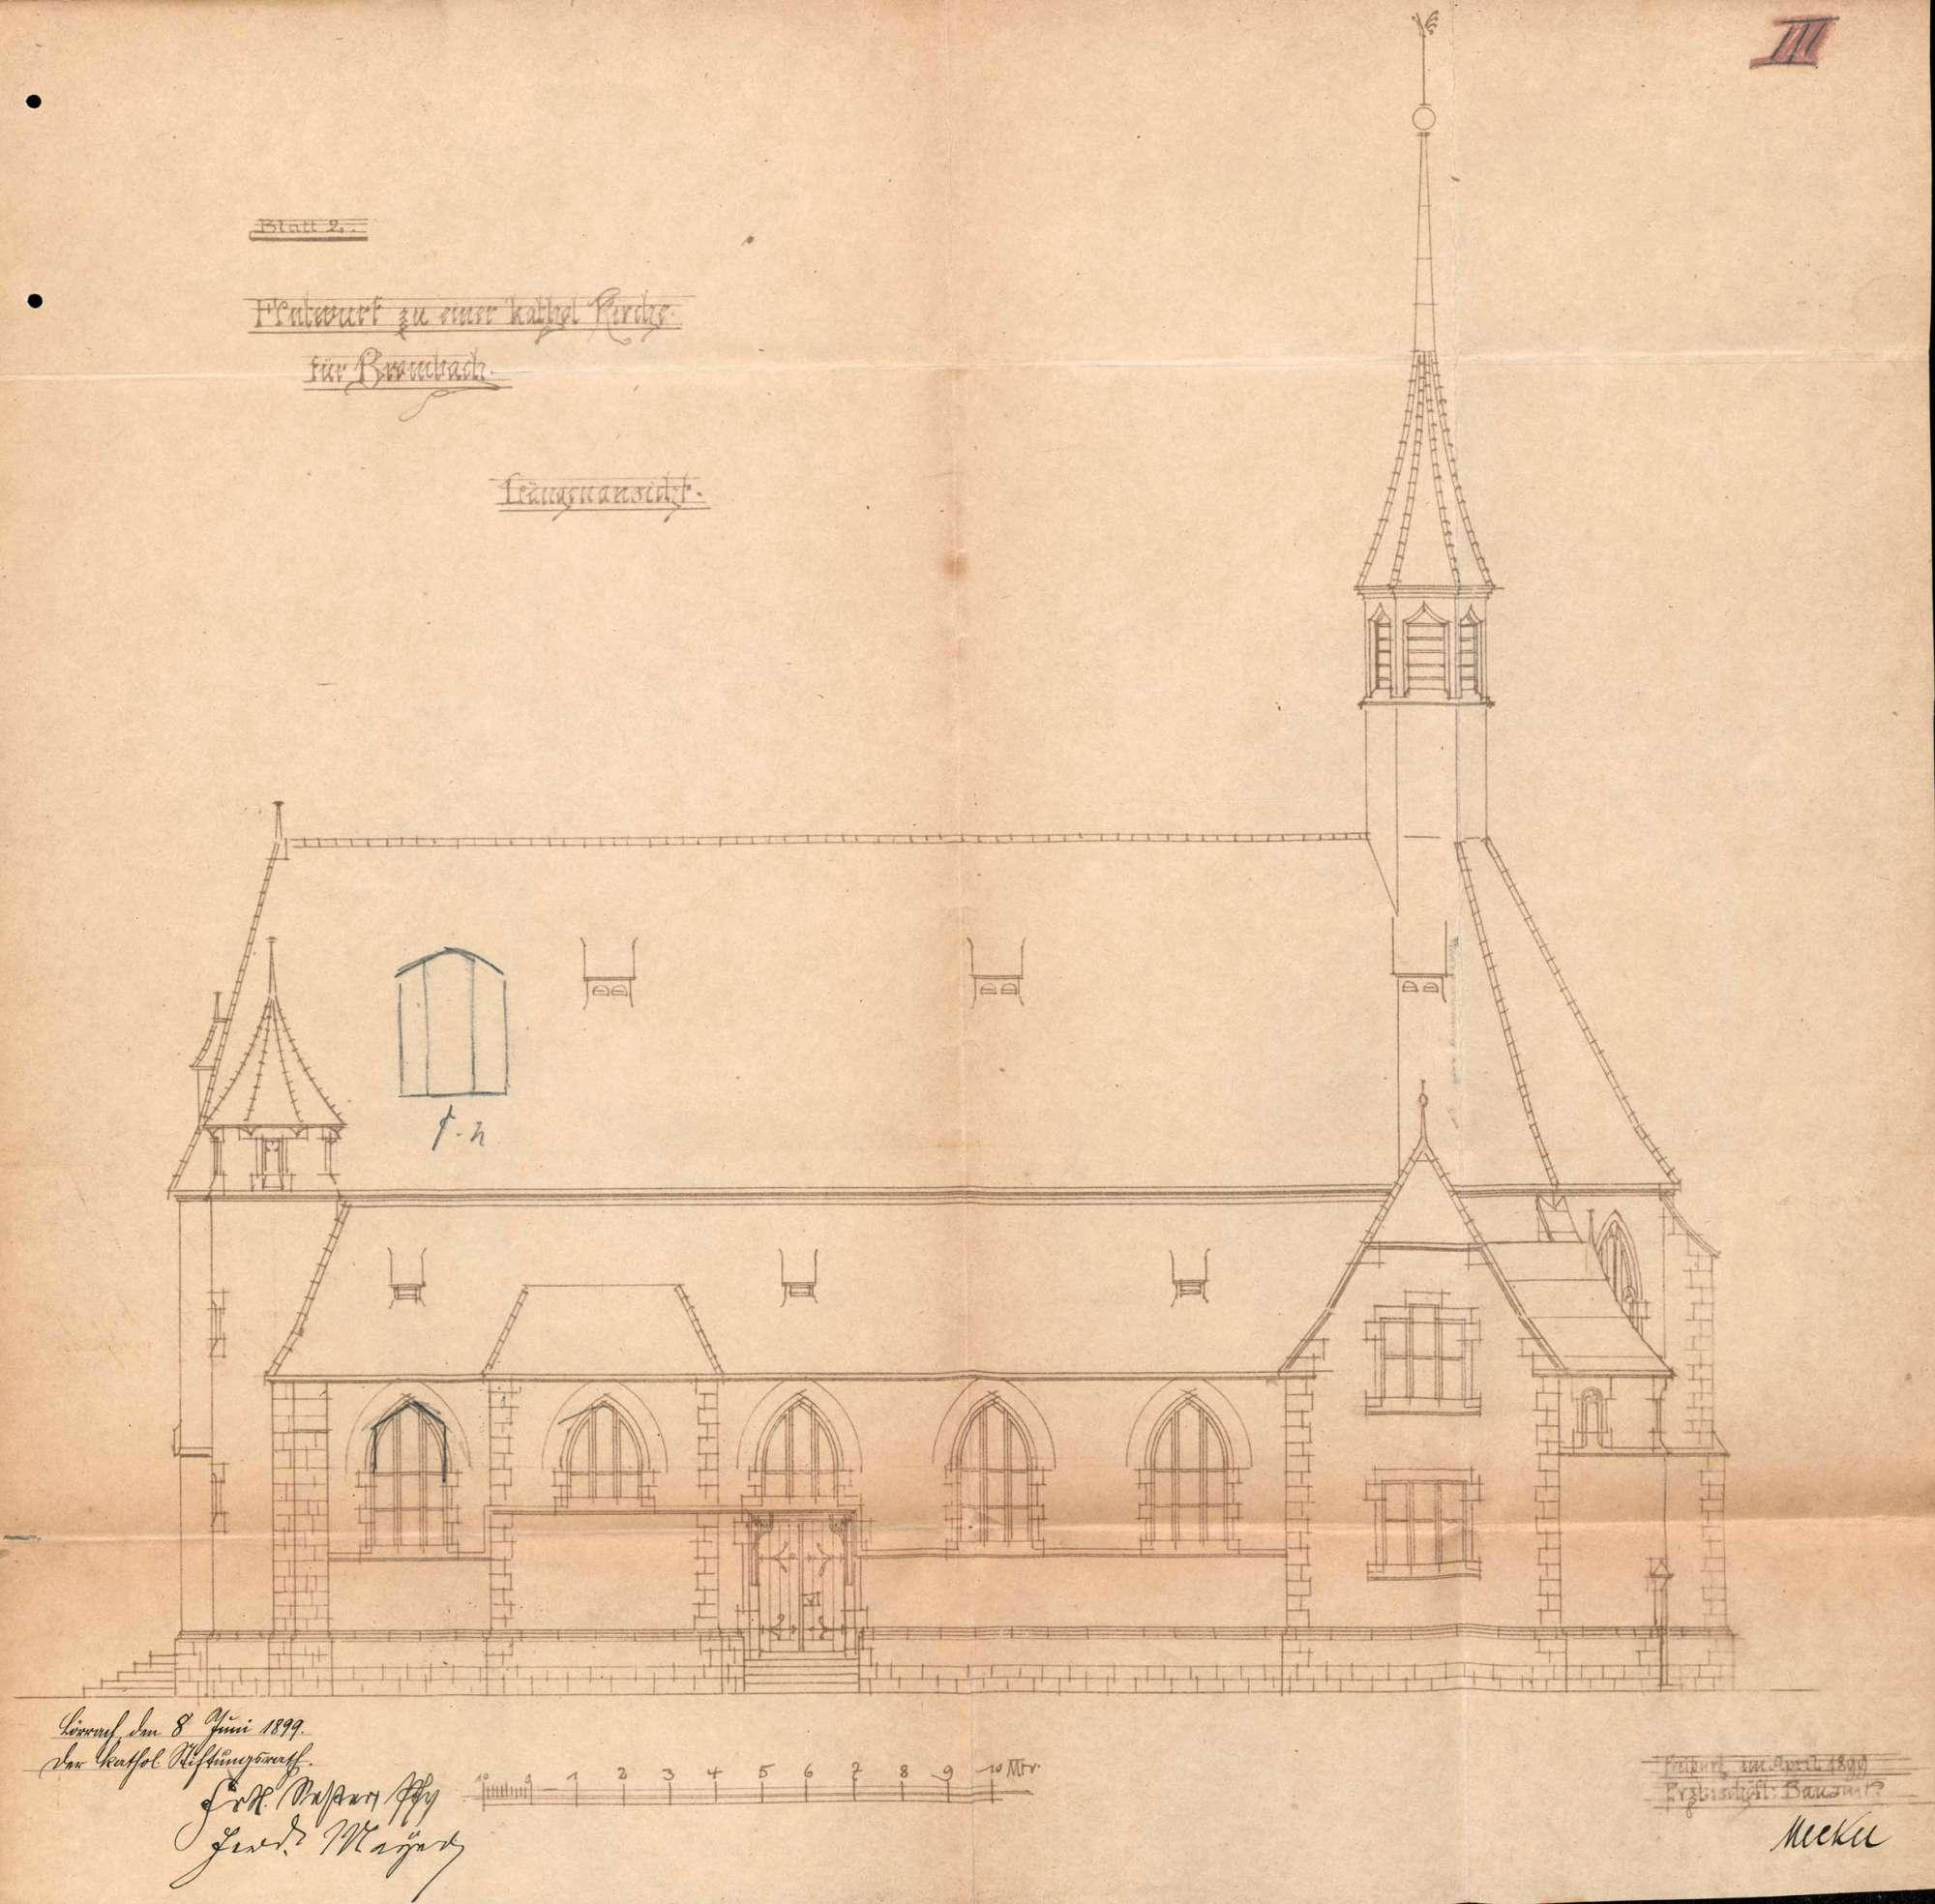 Bau der katholischen Kirche in Brombach, Bild 3